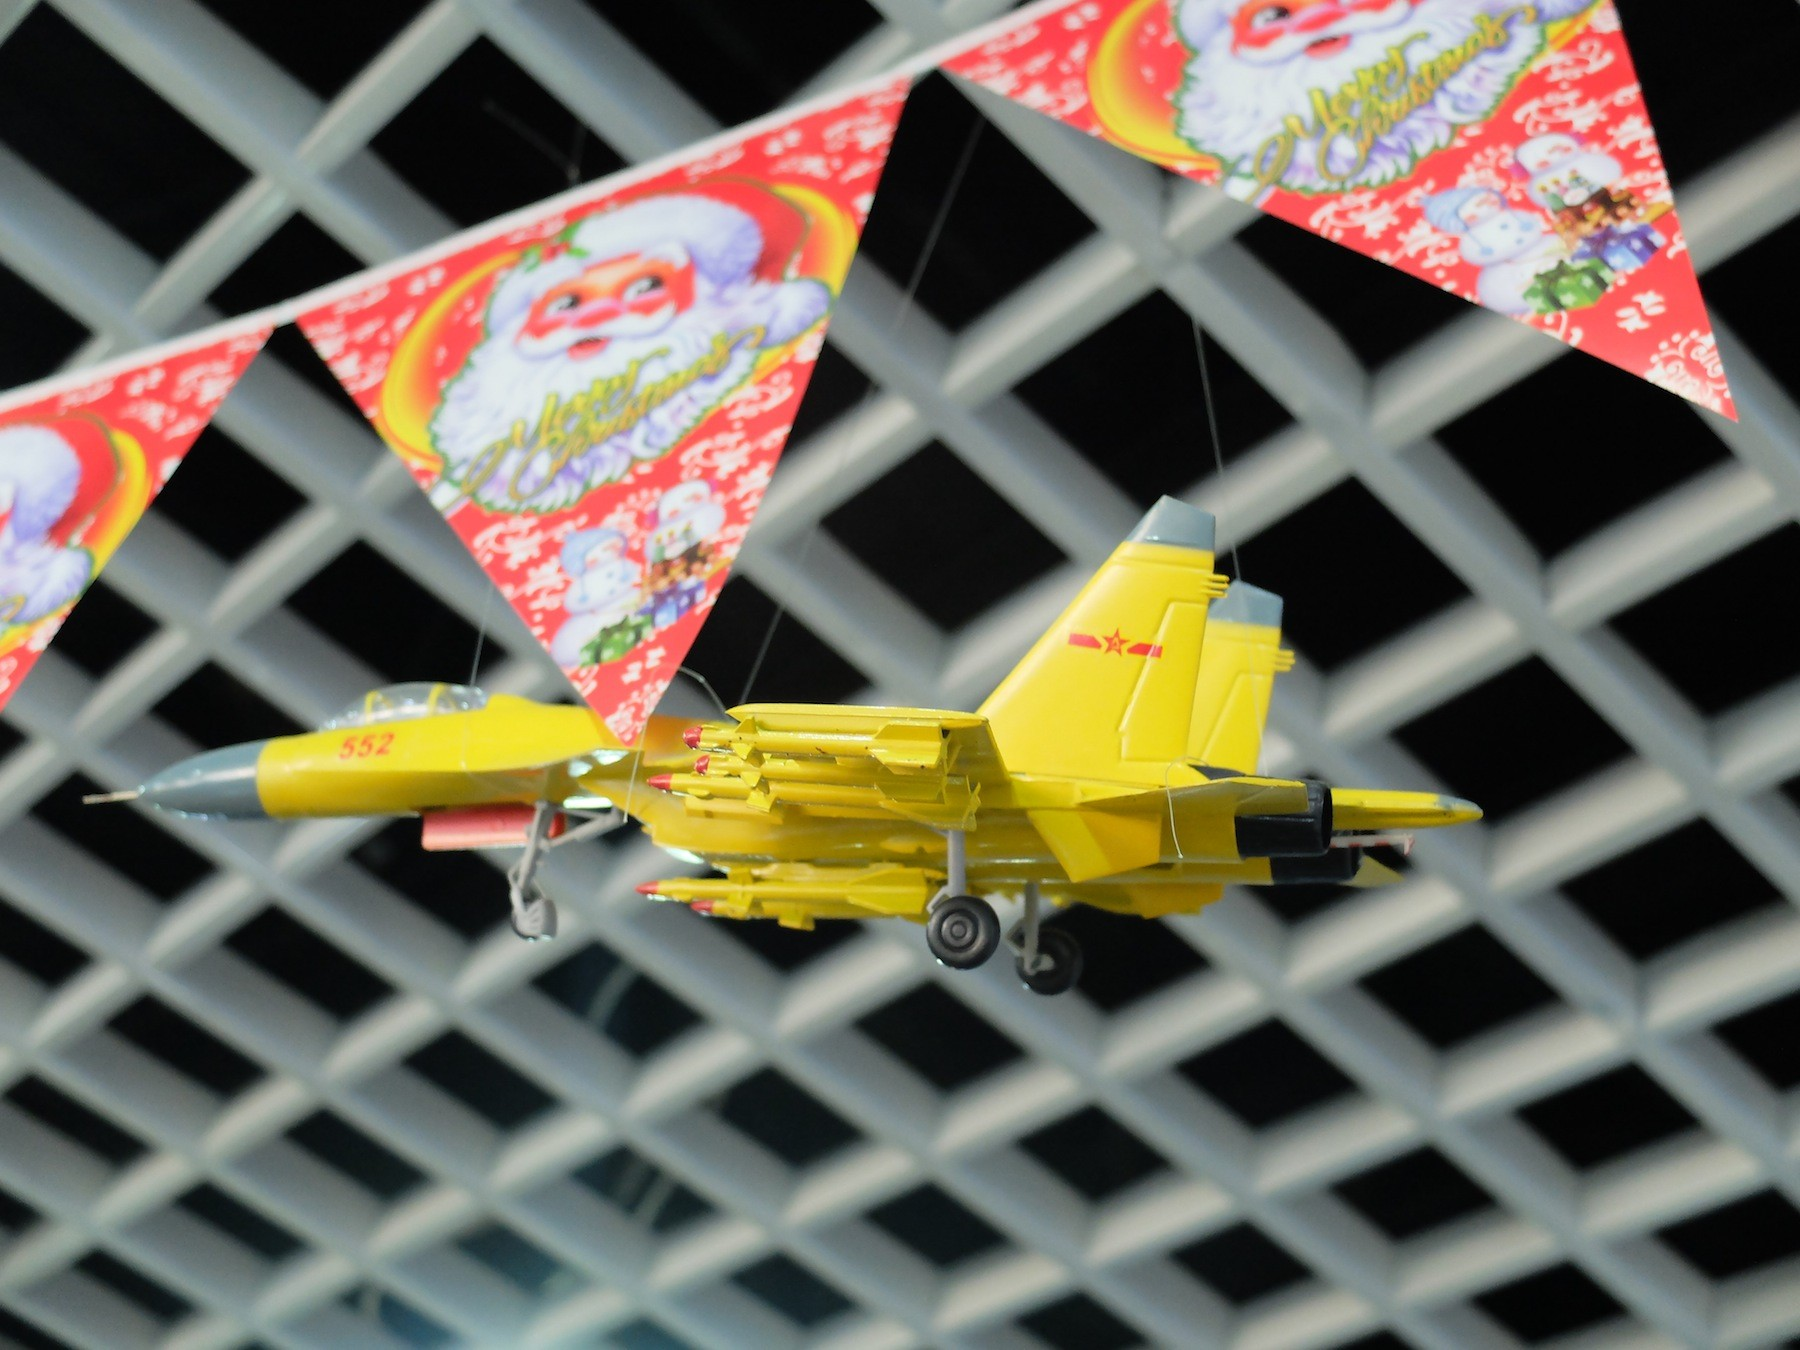 Plane hanging